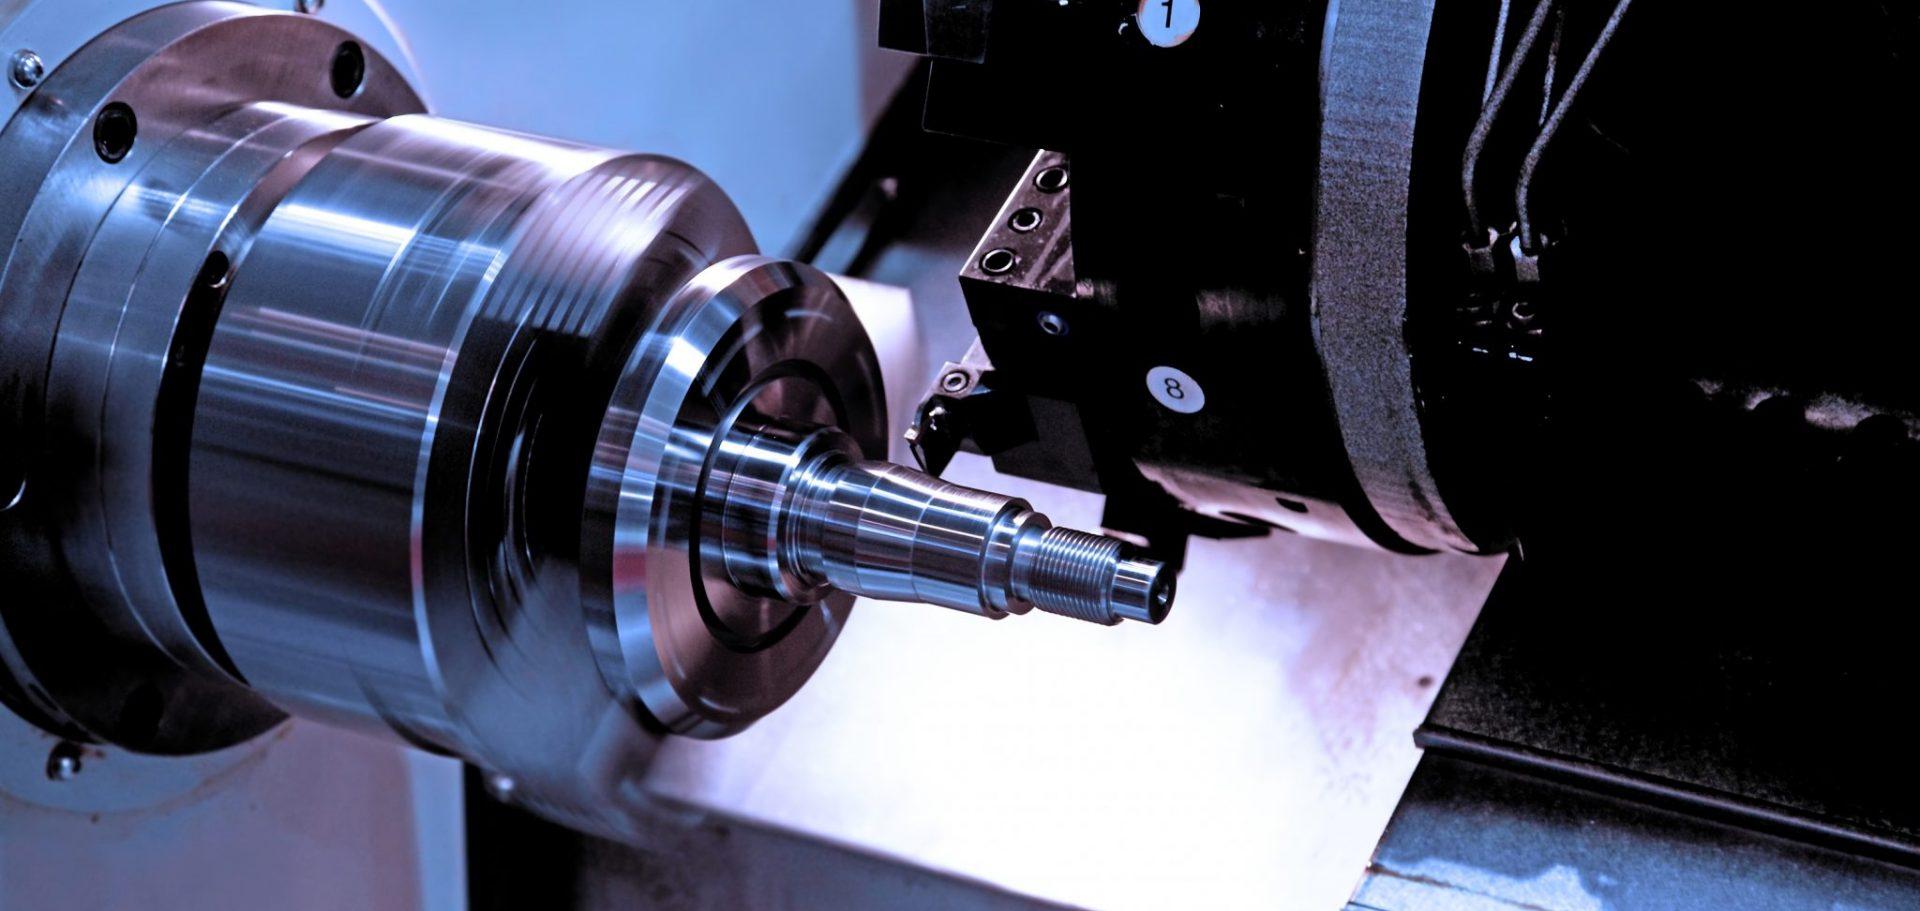 Bemet voor draaierijen in de verspanende metaalbewerking